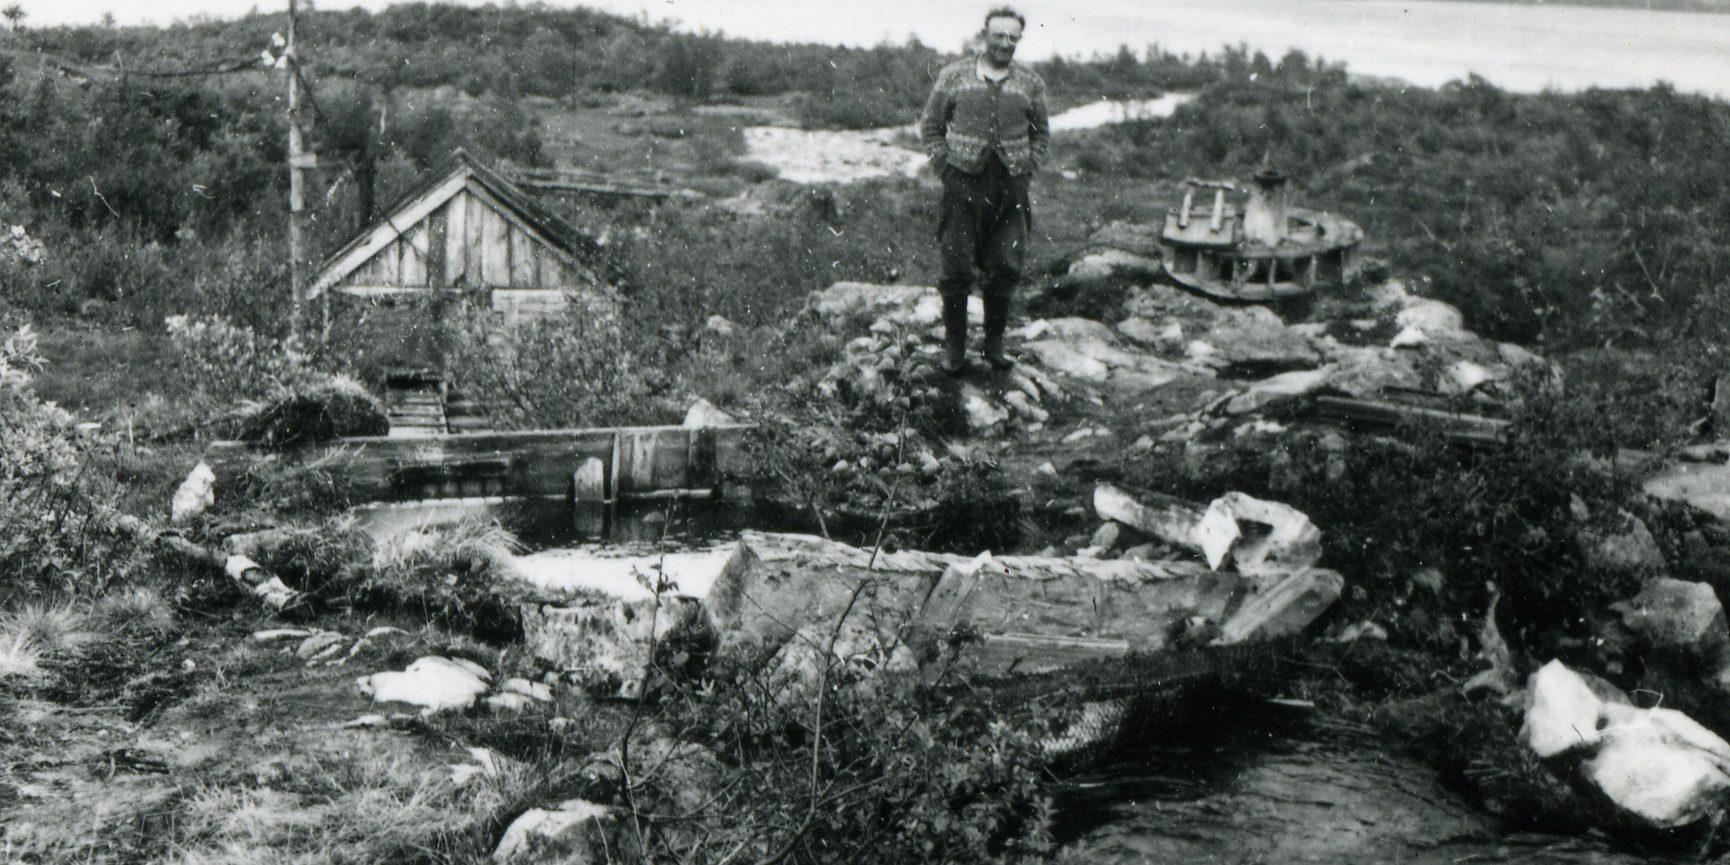 Garden Havradalen i Vinje var ein av plassane som blei demt ned i 1961. Her står Tor Havradalen ved restane av det vesle vasskraftverket på garden